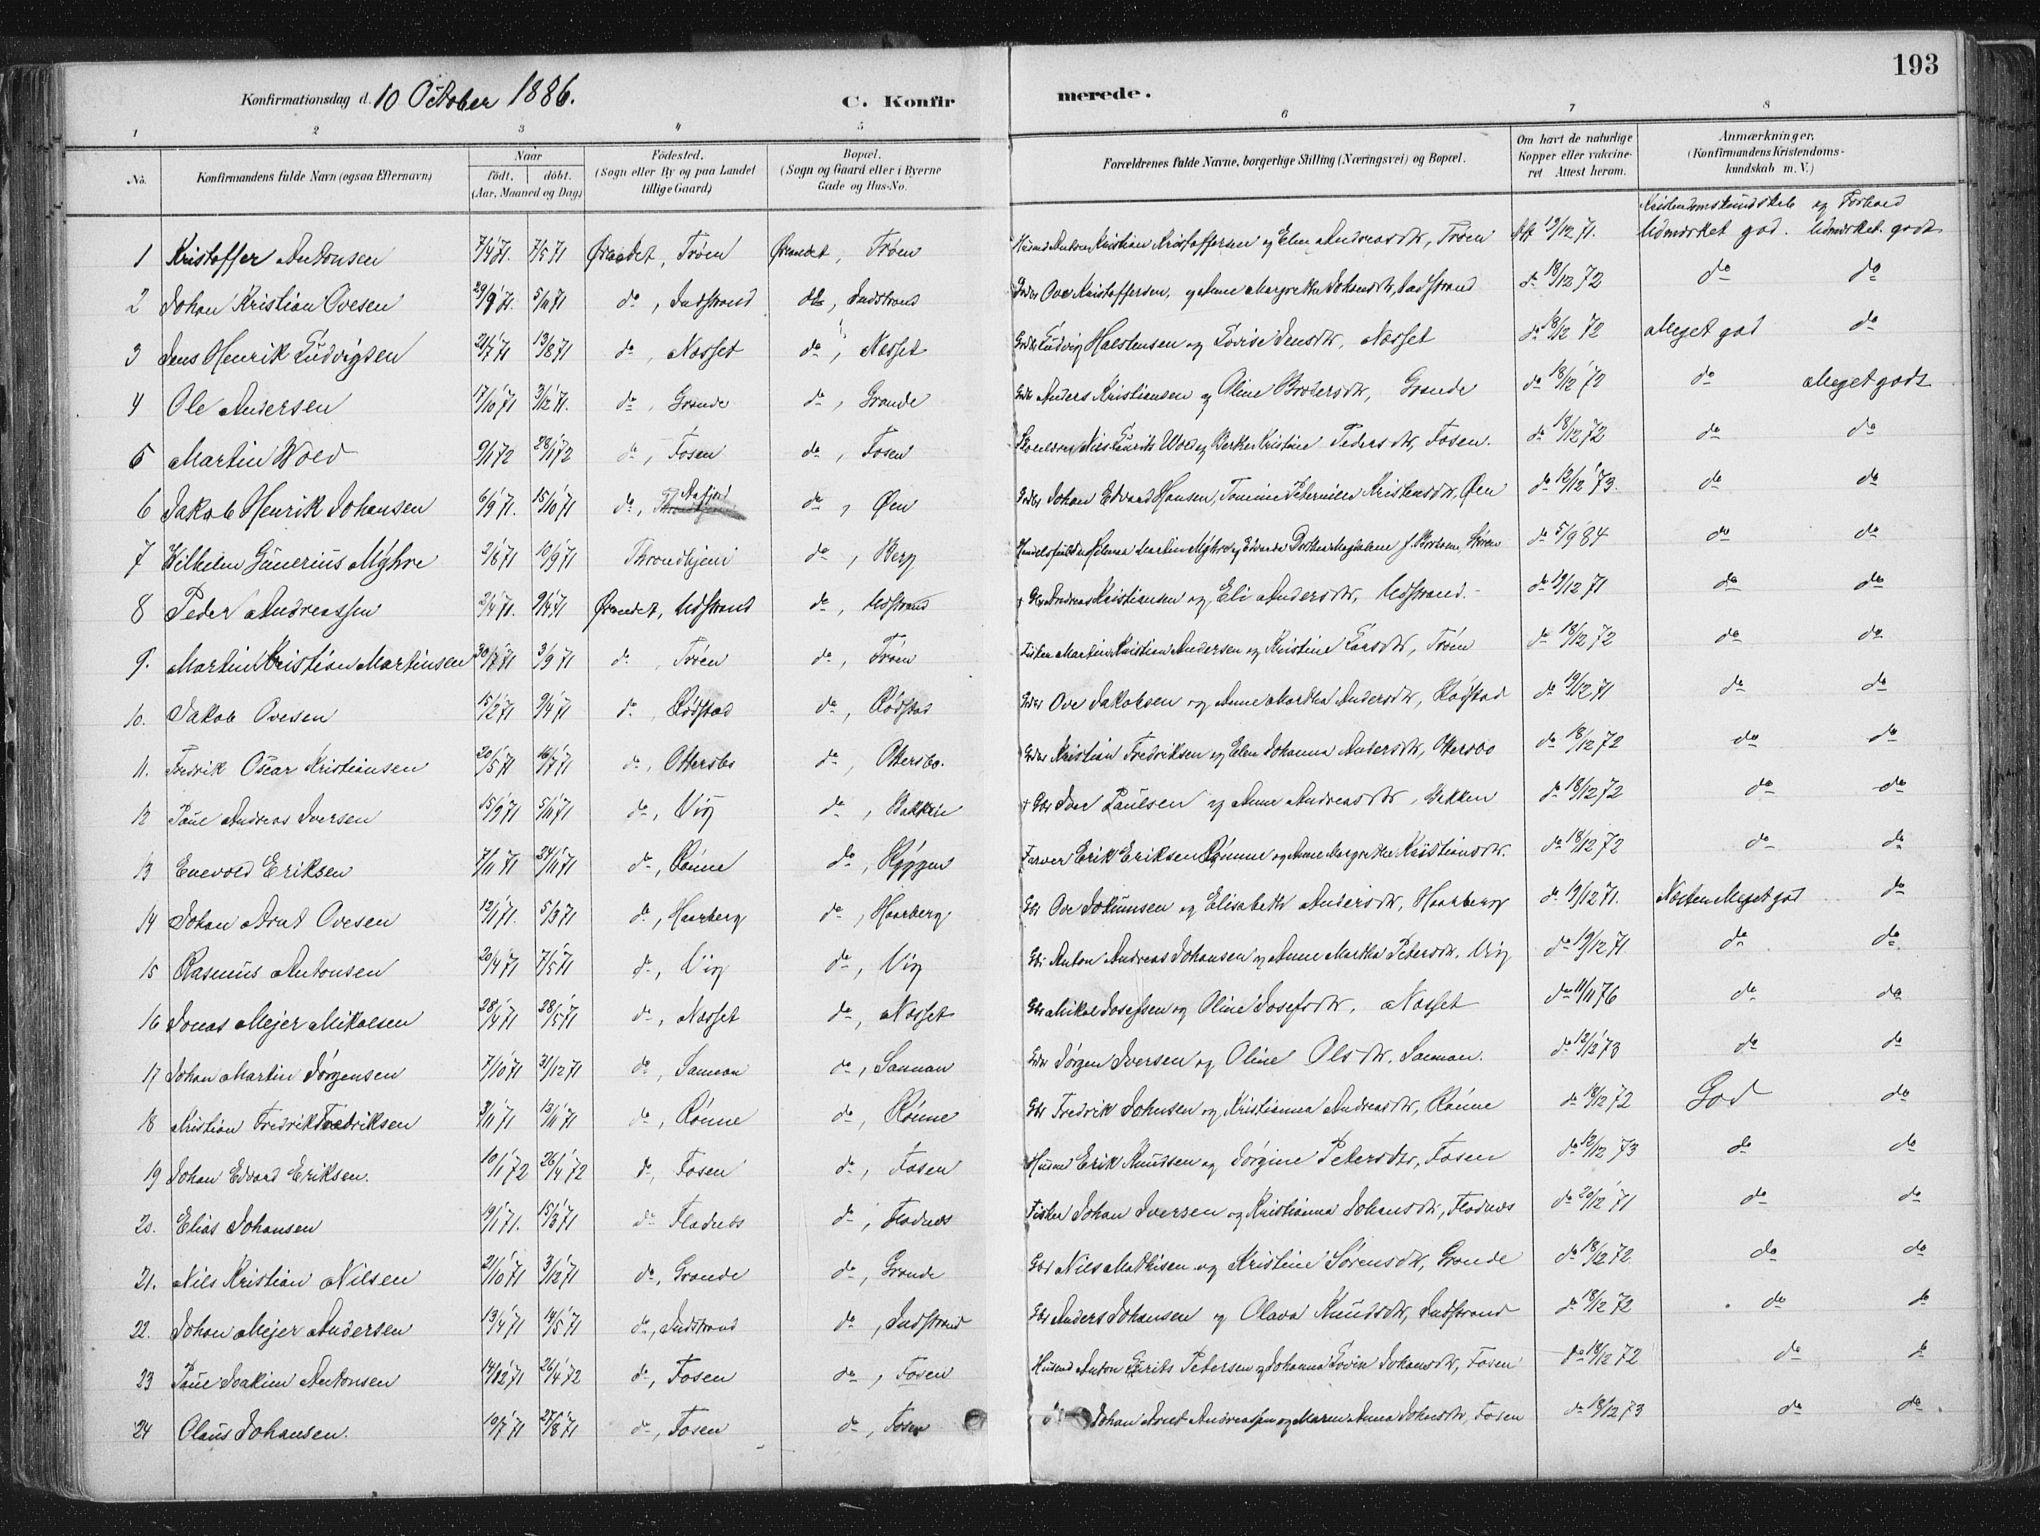 SAT, Ministerialprotokoller, klokkerbøker og fødselsregistre - Sør-Trøndelag, 659/L0739: Ministerialbok nr. 659A09, 1879-1893, s. 193